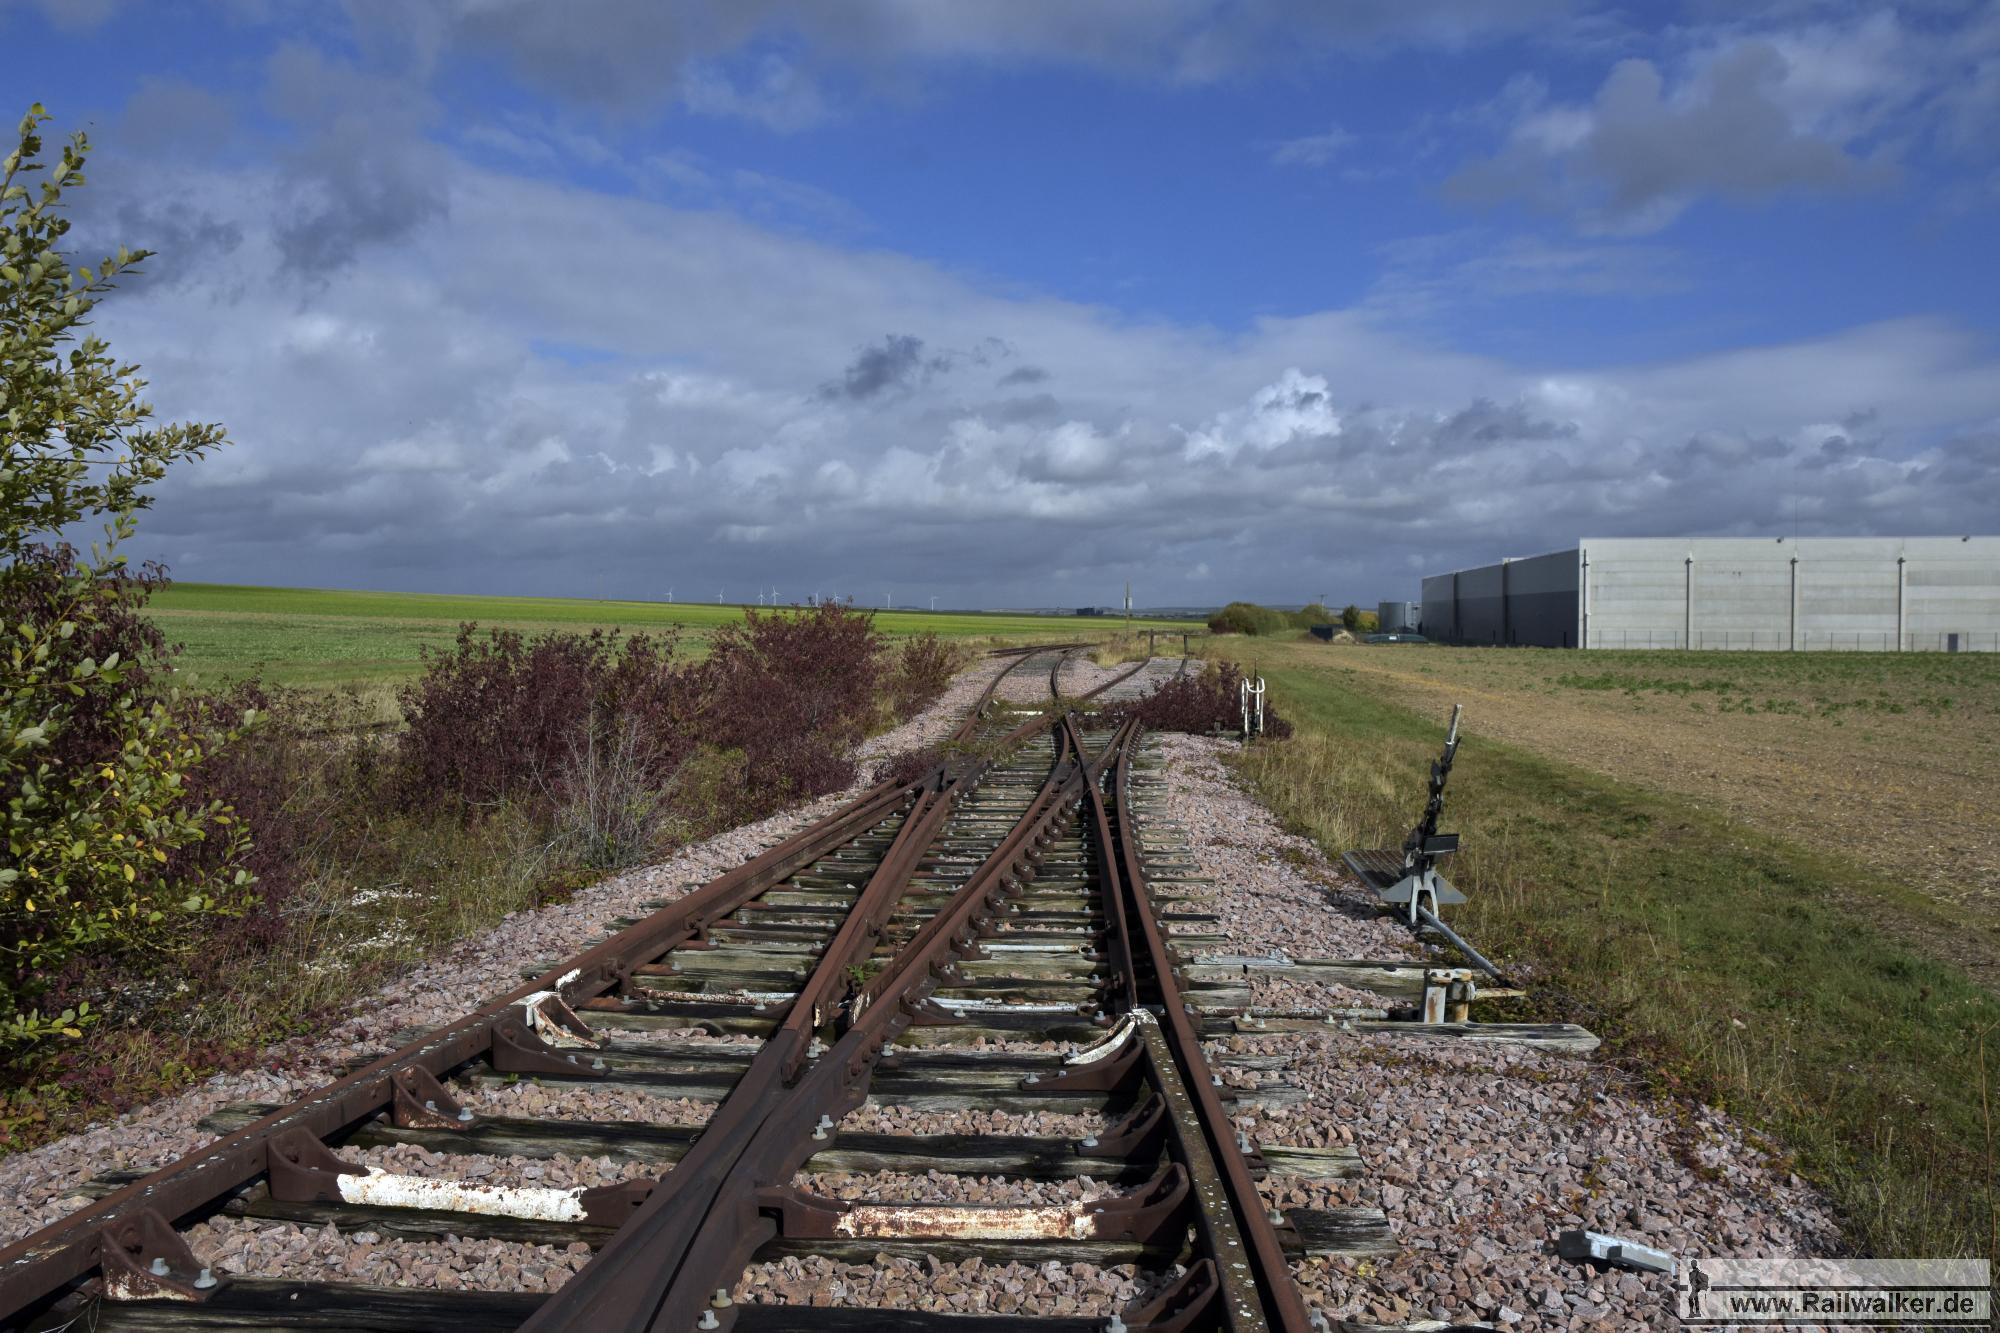 Ein ungenutzter Gleisanschluß im Industriegebiet.